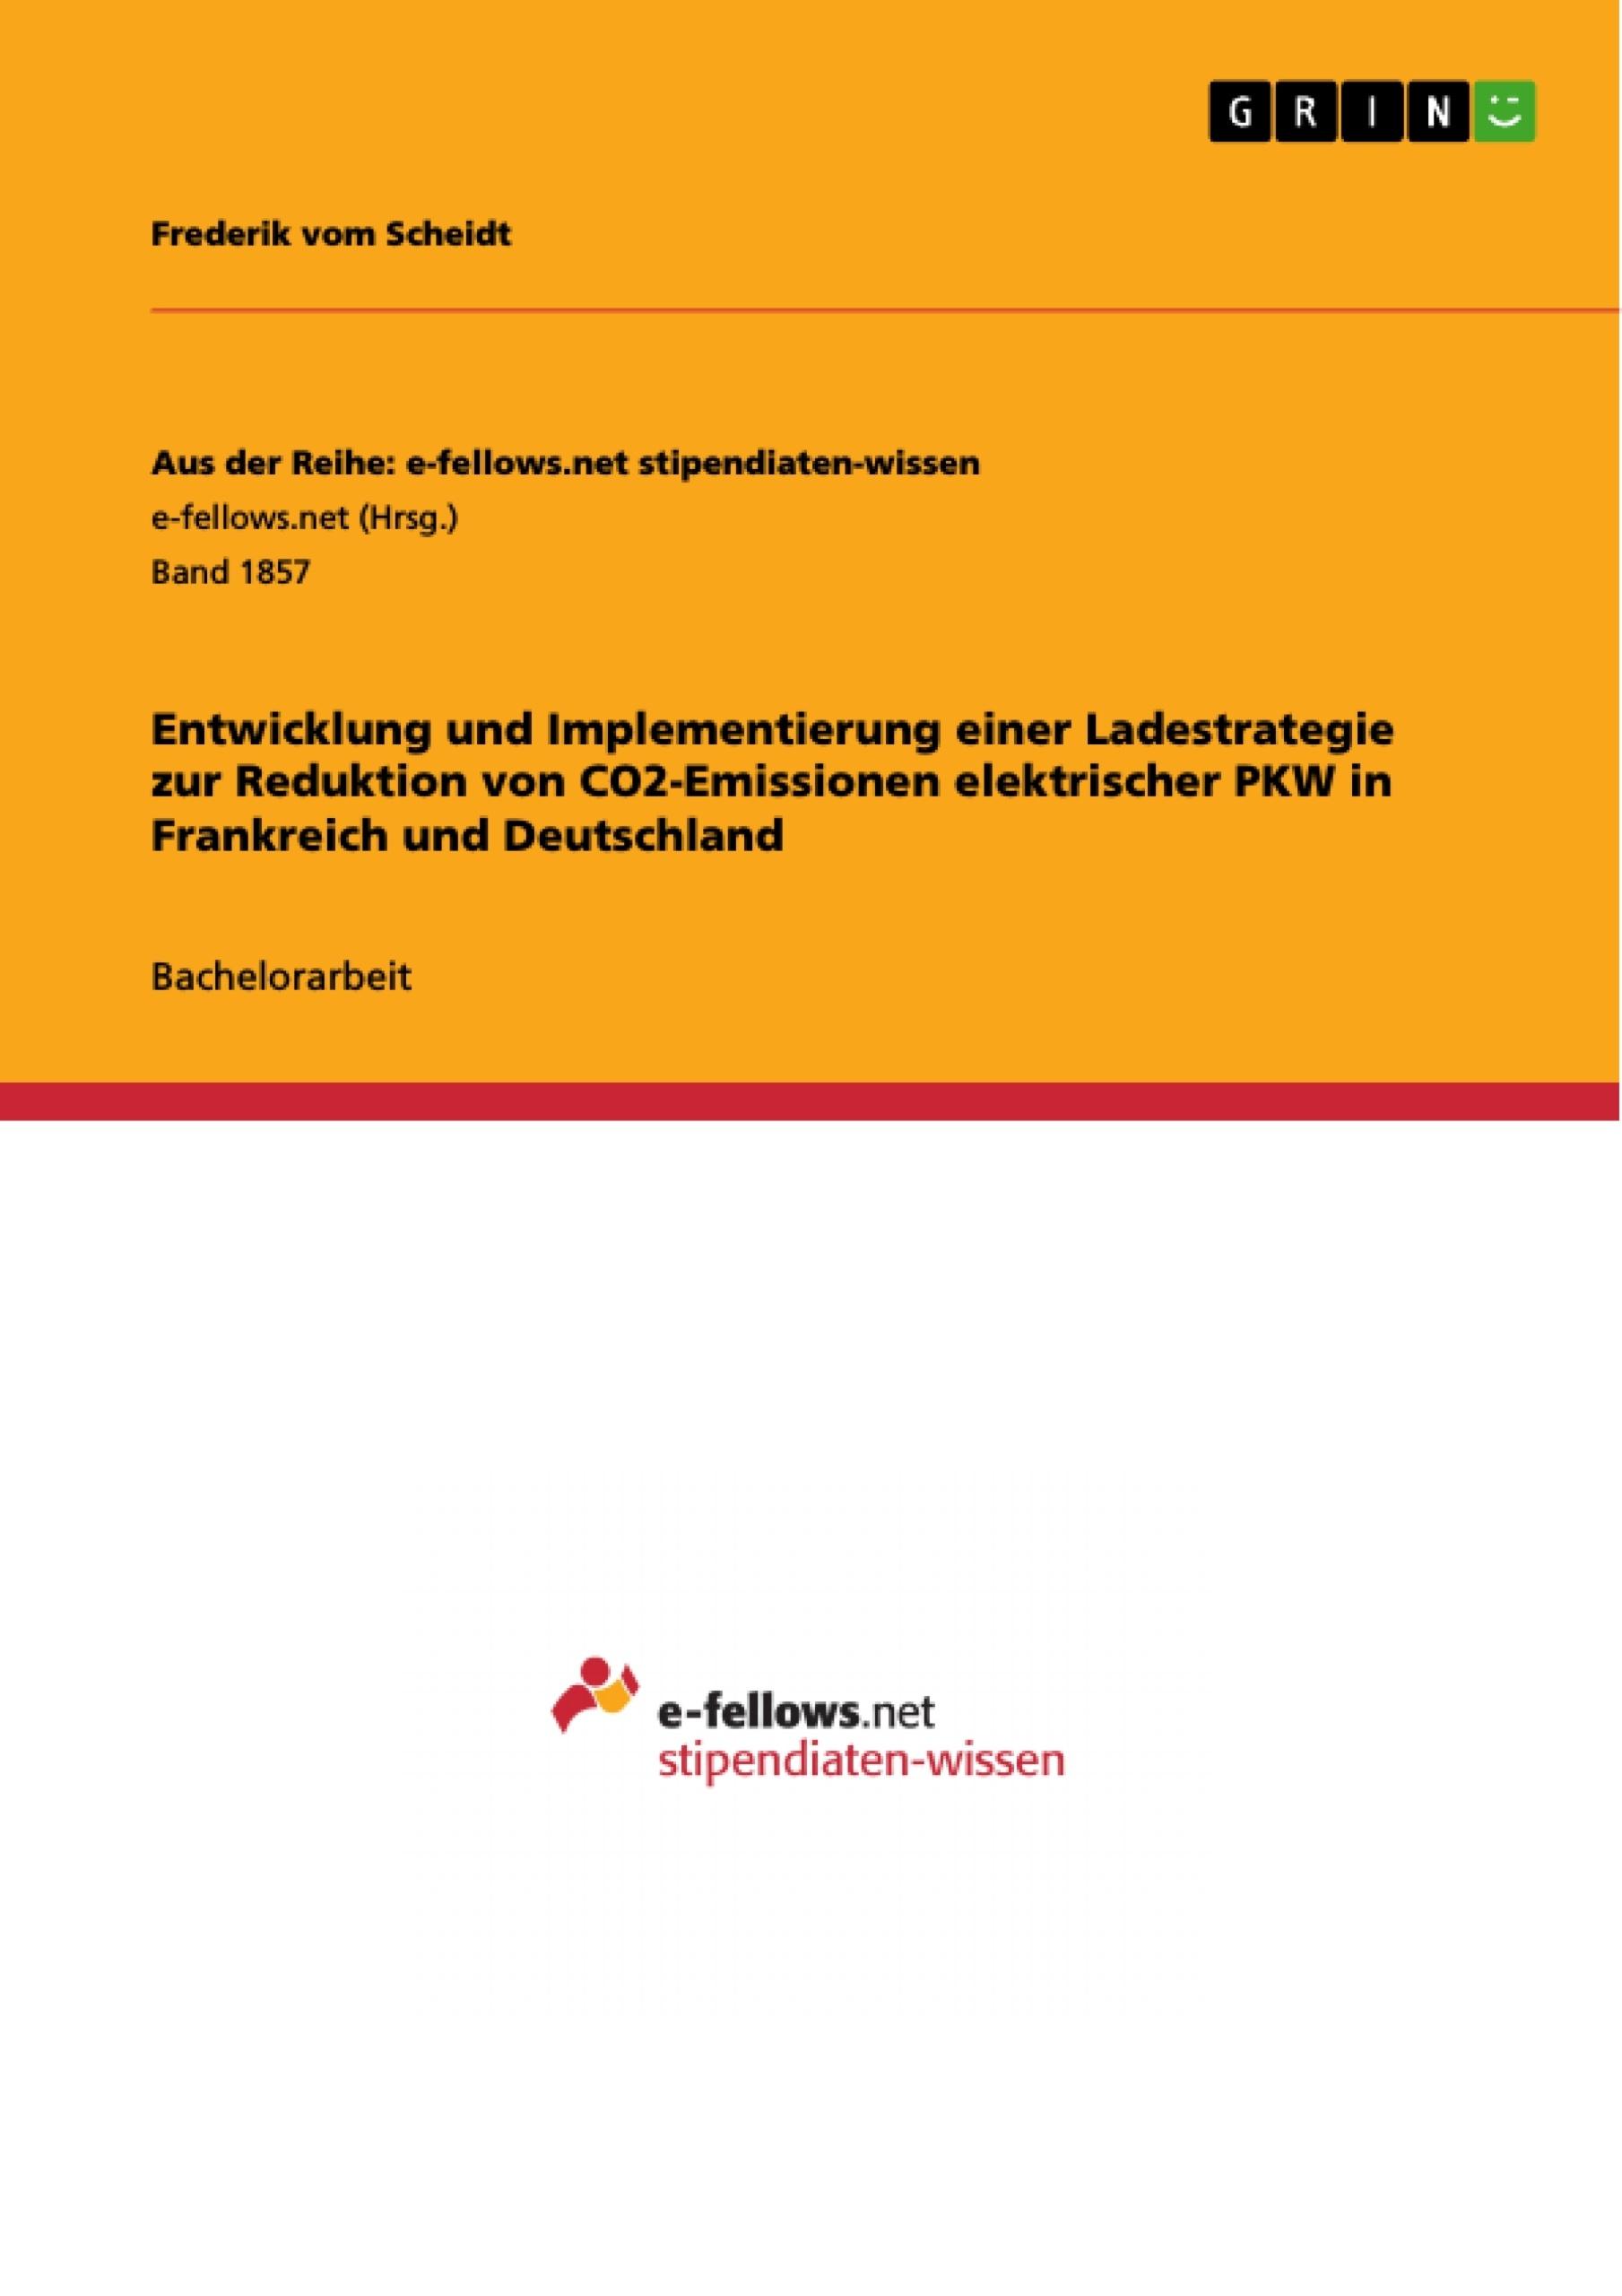 Titel: Entwicklung und Implementierung einer Ladestrategie zur Reduktion von CO2-Emissionen elektrischer PKW in Frankreich und Deutschland